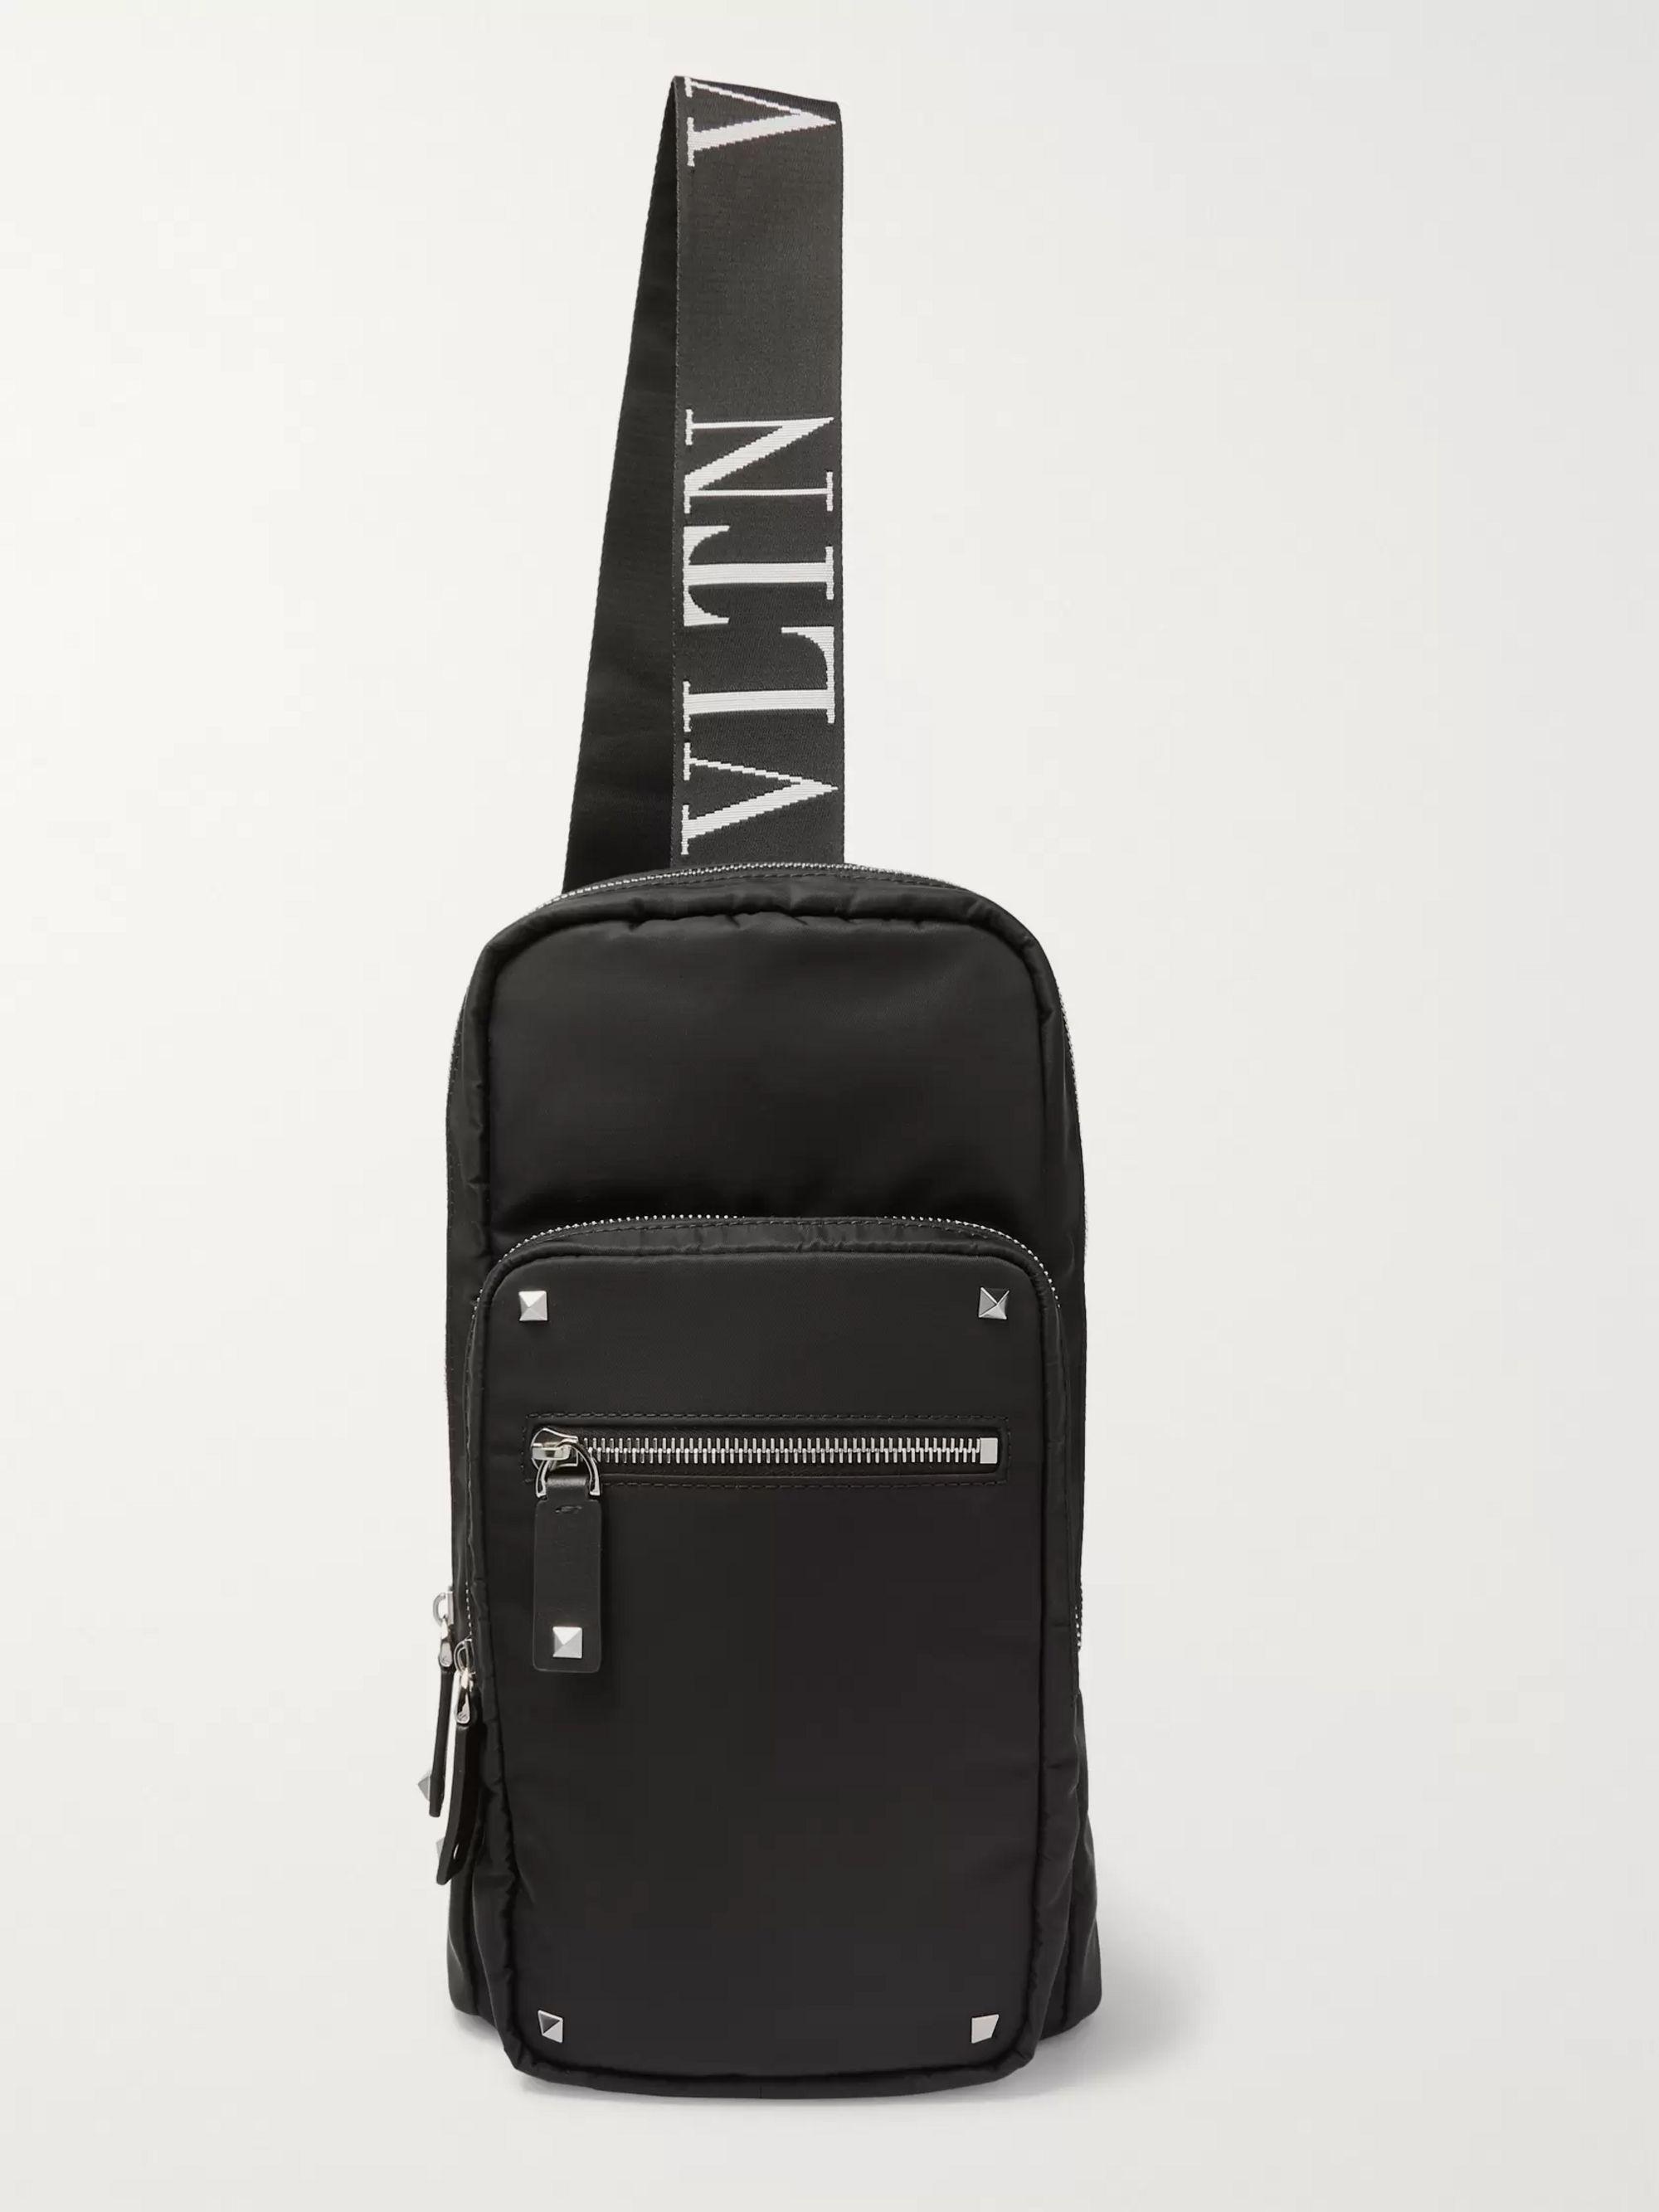 발렌티노 가라바니 슬링백 Valentino Garavani Leather-Trimmed Shell Sling Backpack,Black